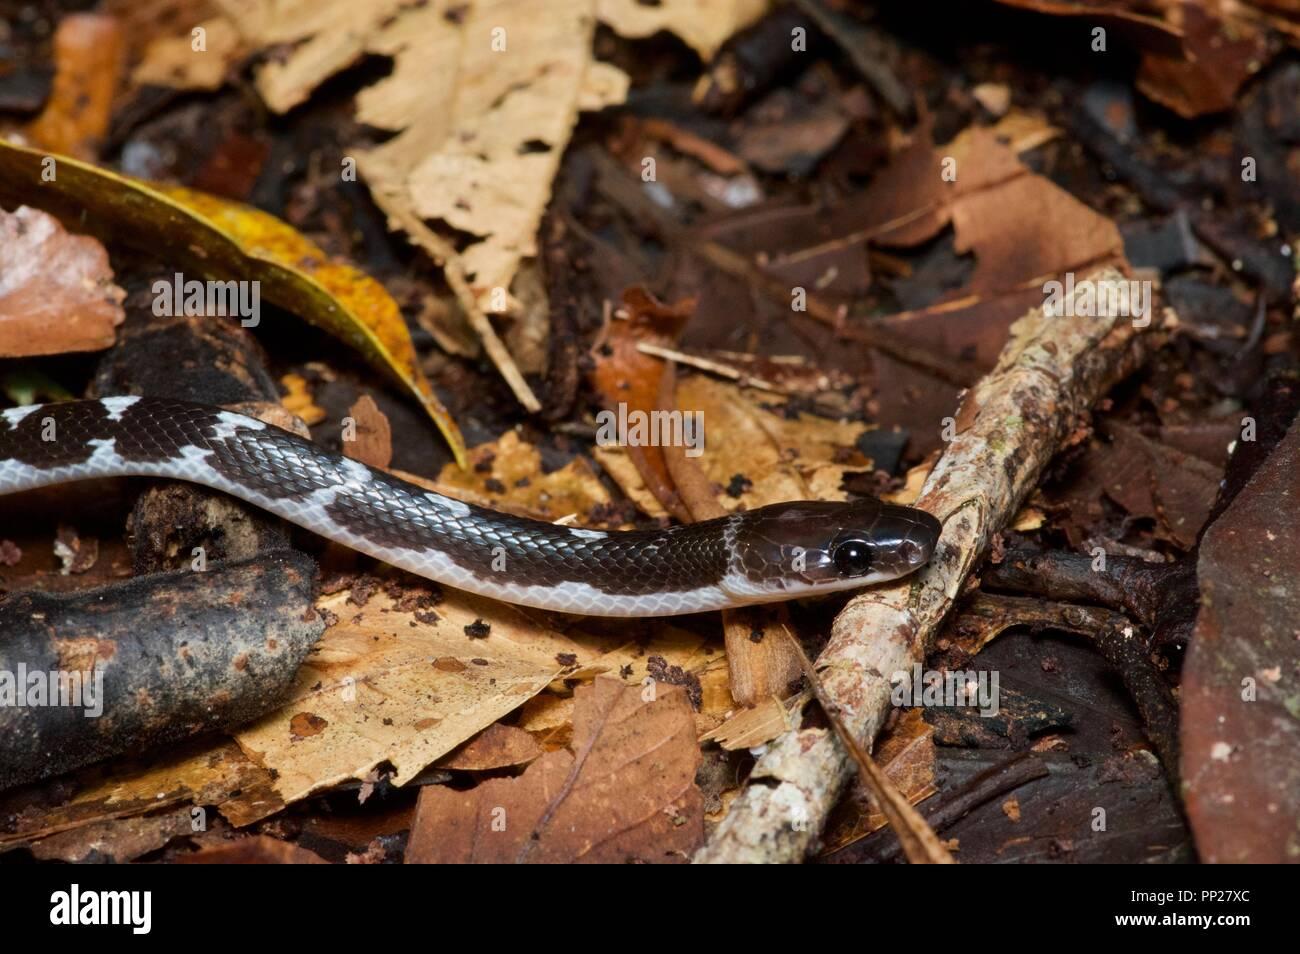 Un joven delgado Serpiente Lobo (Lycodon albofuscus) en la hojarasca en el Área de Conservación del valle Danum, Sabah, Malasia Oriental, Borneo Imagen De Stock